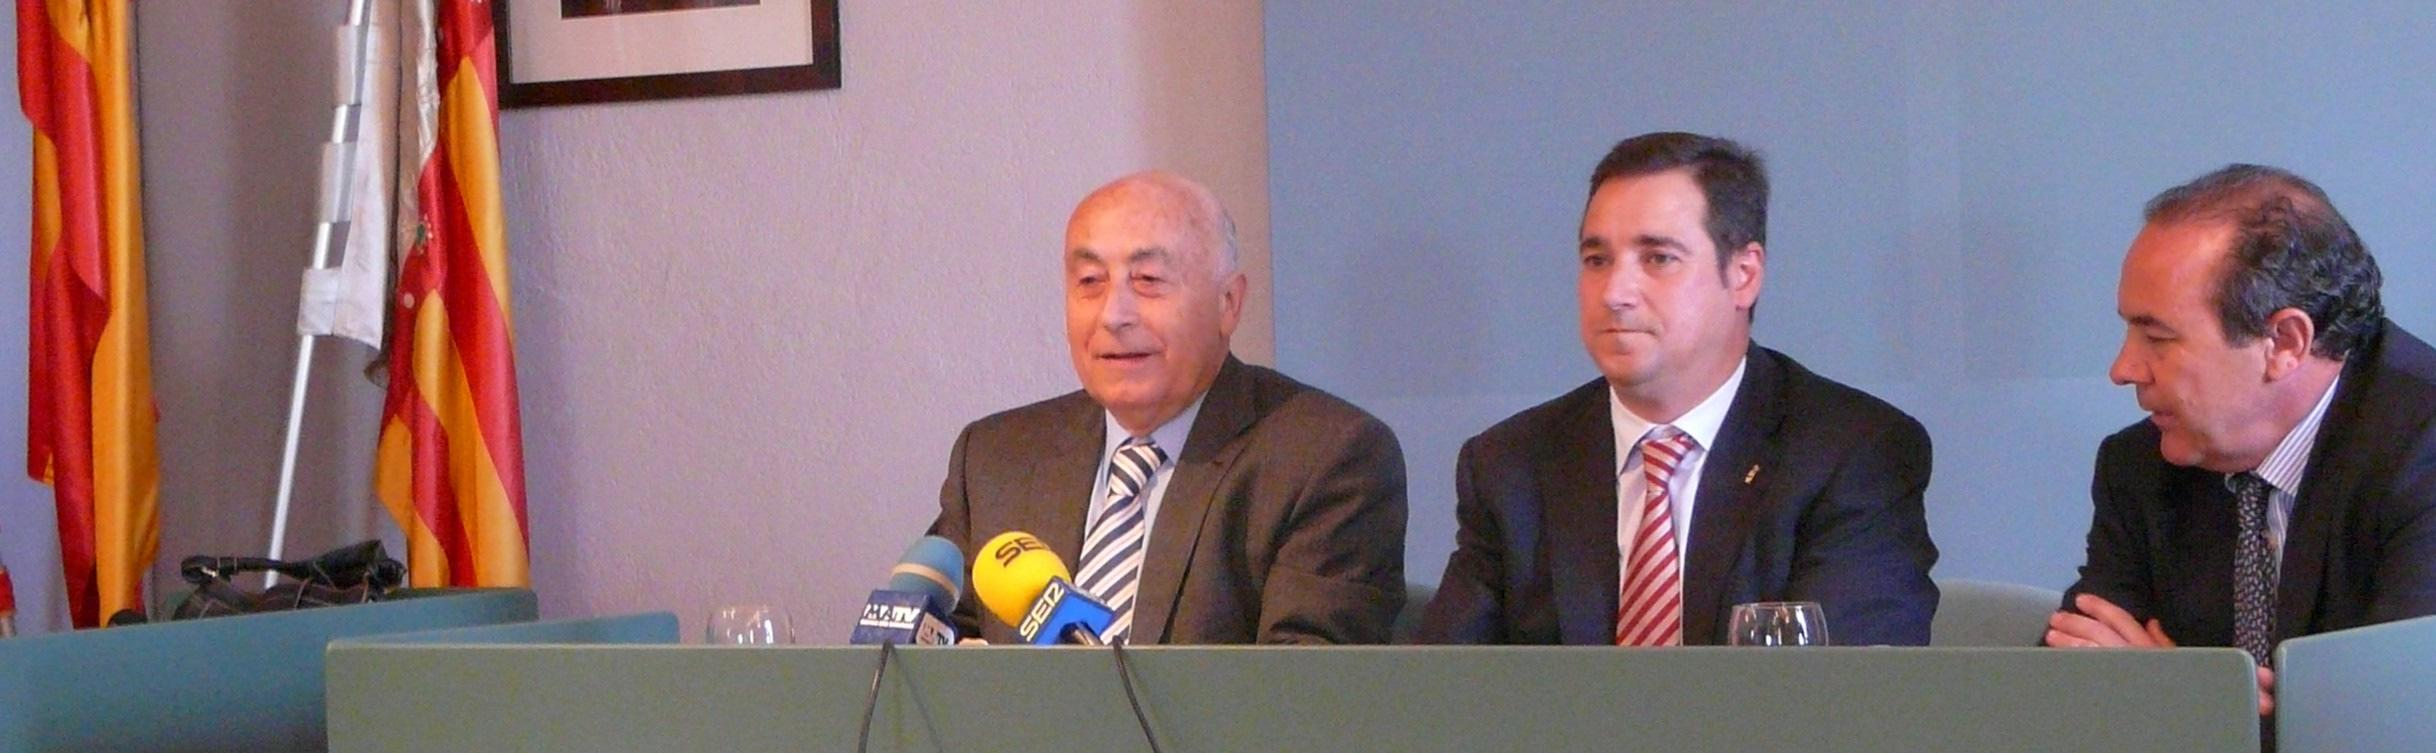 El Síndic de Greuges firma un convenio de colaboración con el Ayuntamiento de Benissa